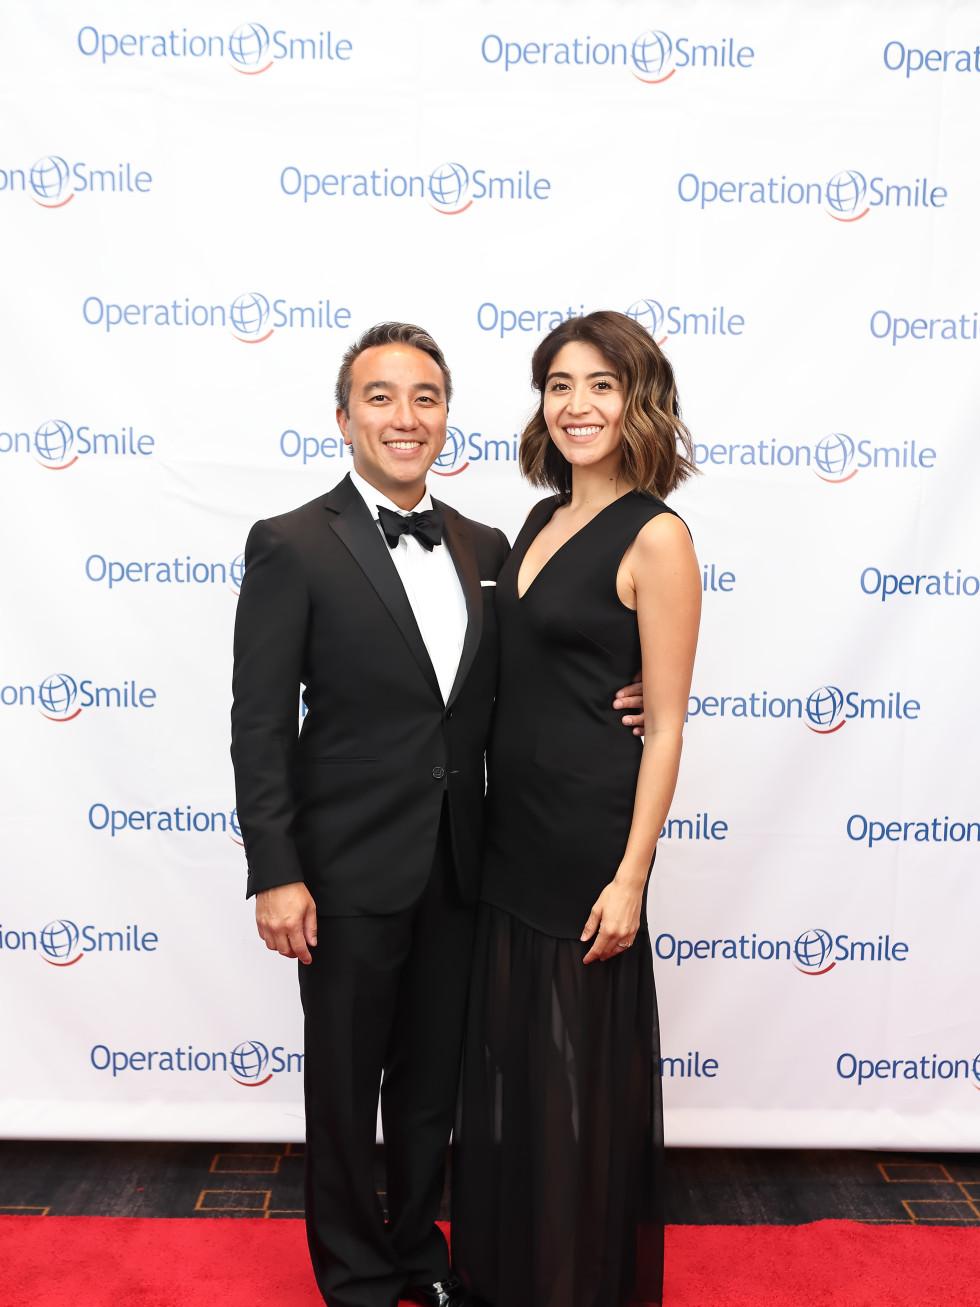 Operation Smile Gala 2021 Drs. Phuong Paloma Nguyen